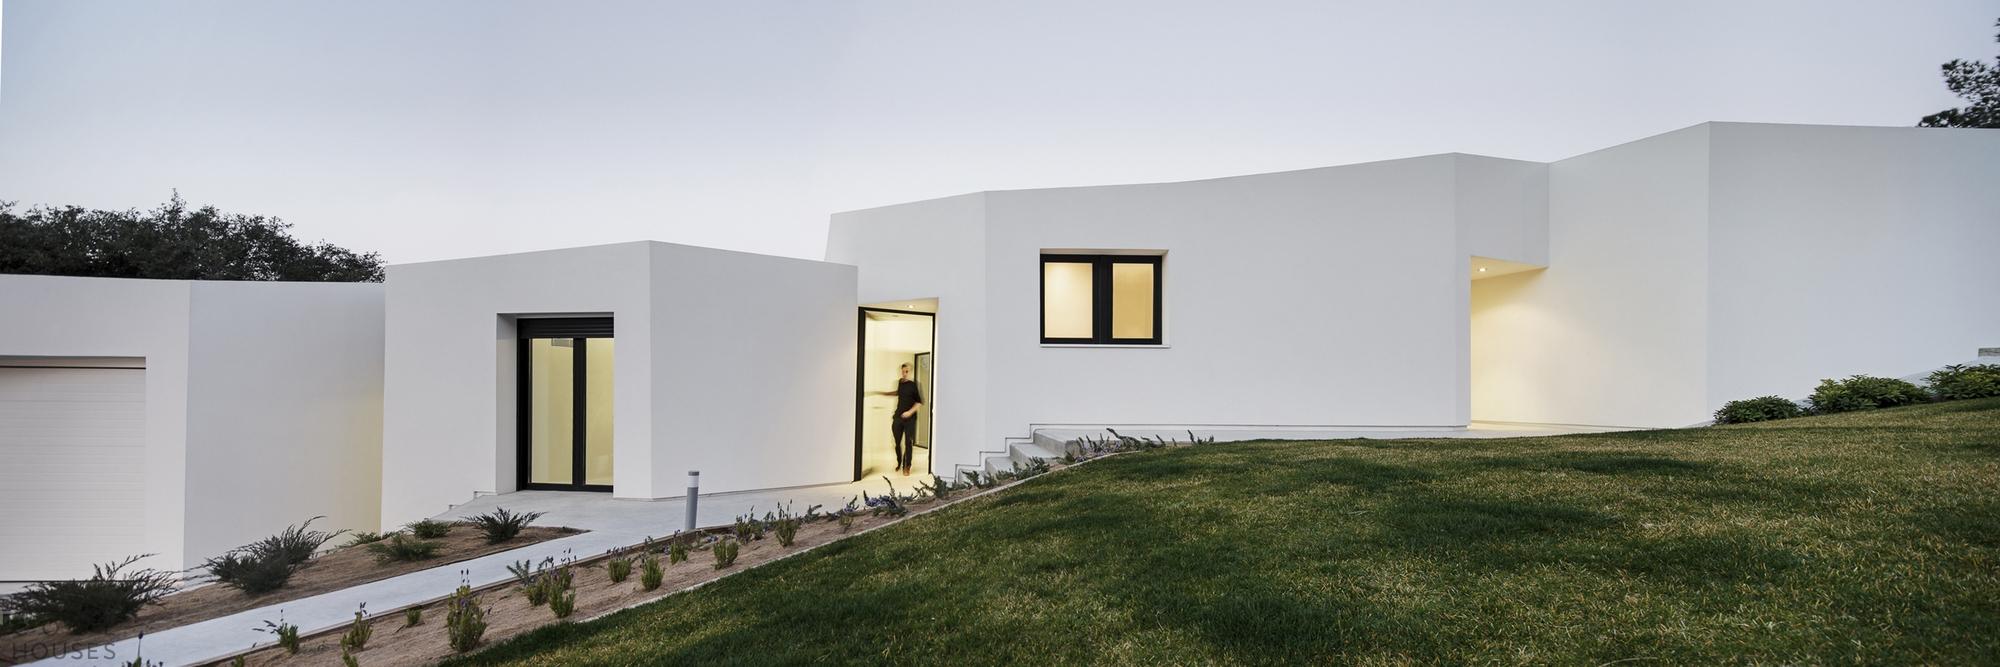 Дом в стиле минимализм в Барселоне, Италия